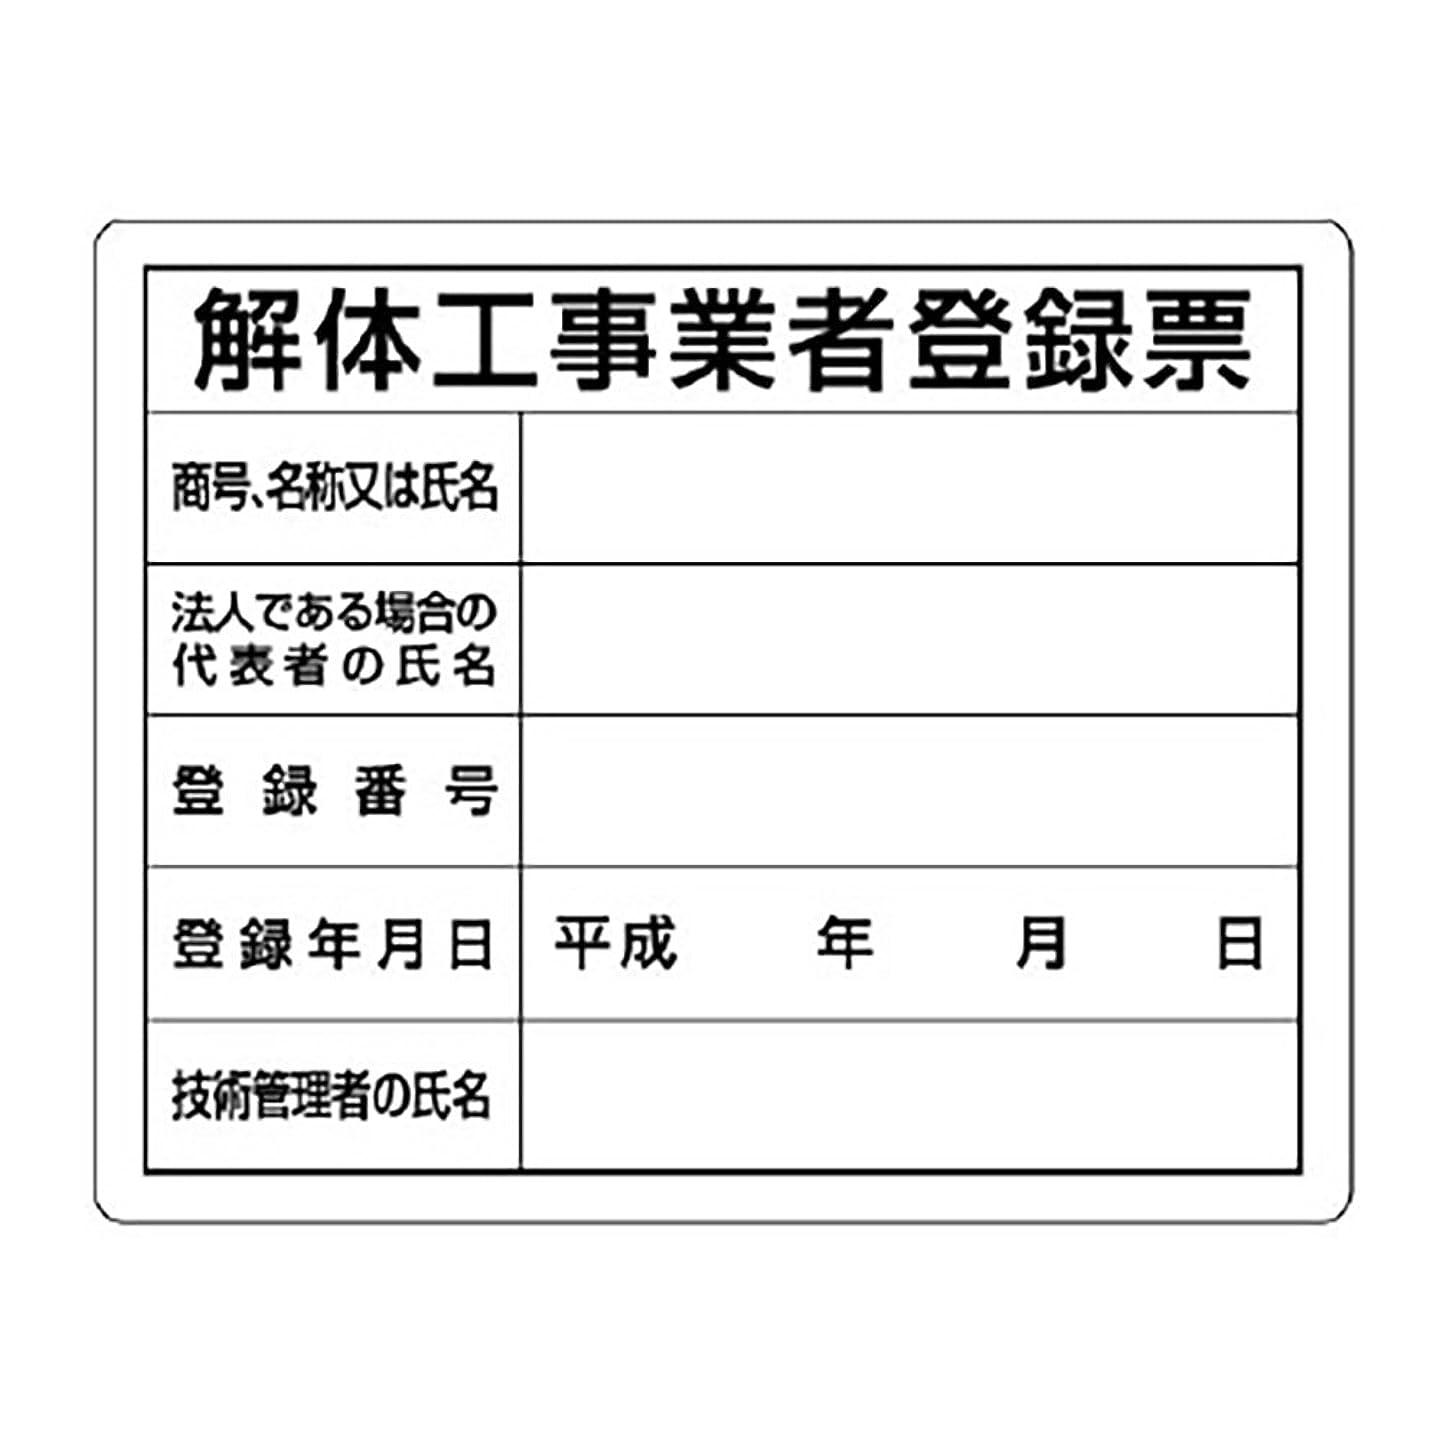 【302-14】法令許可票 解体工事業者登録票